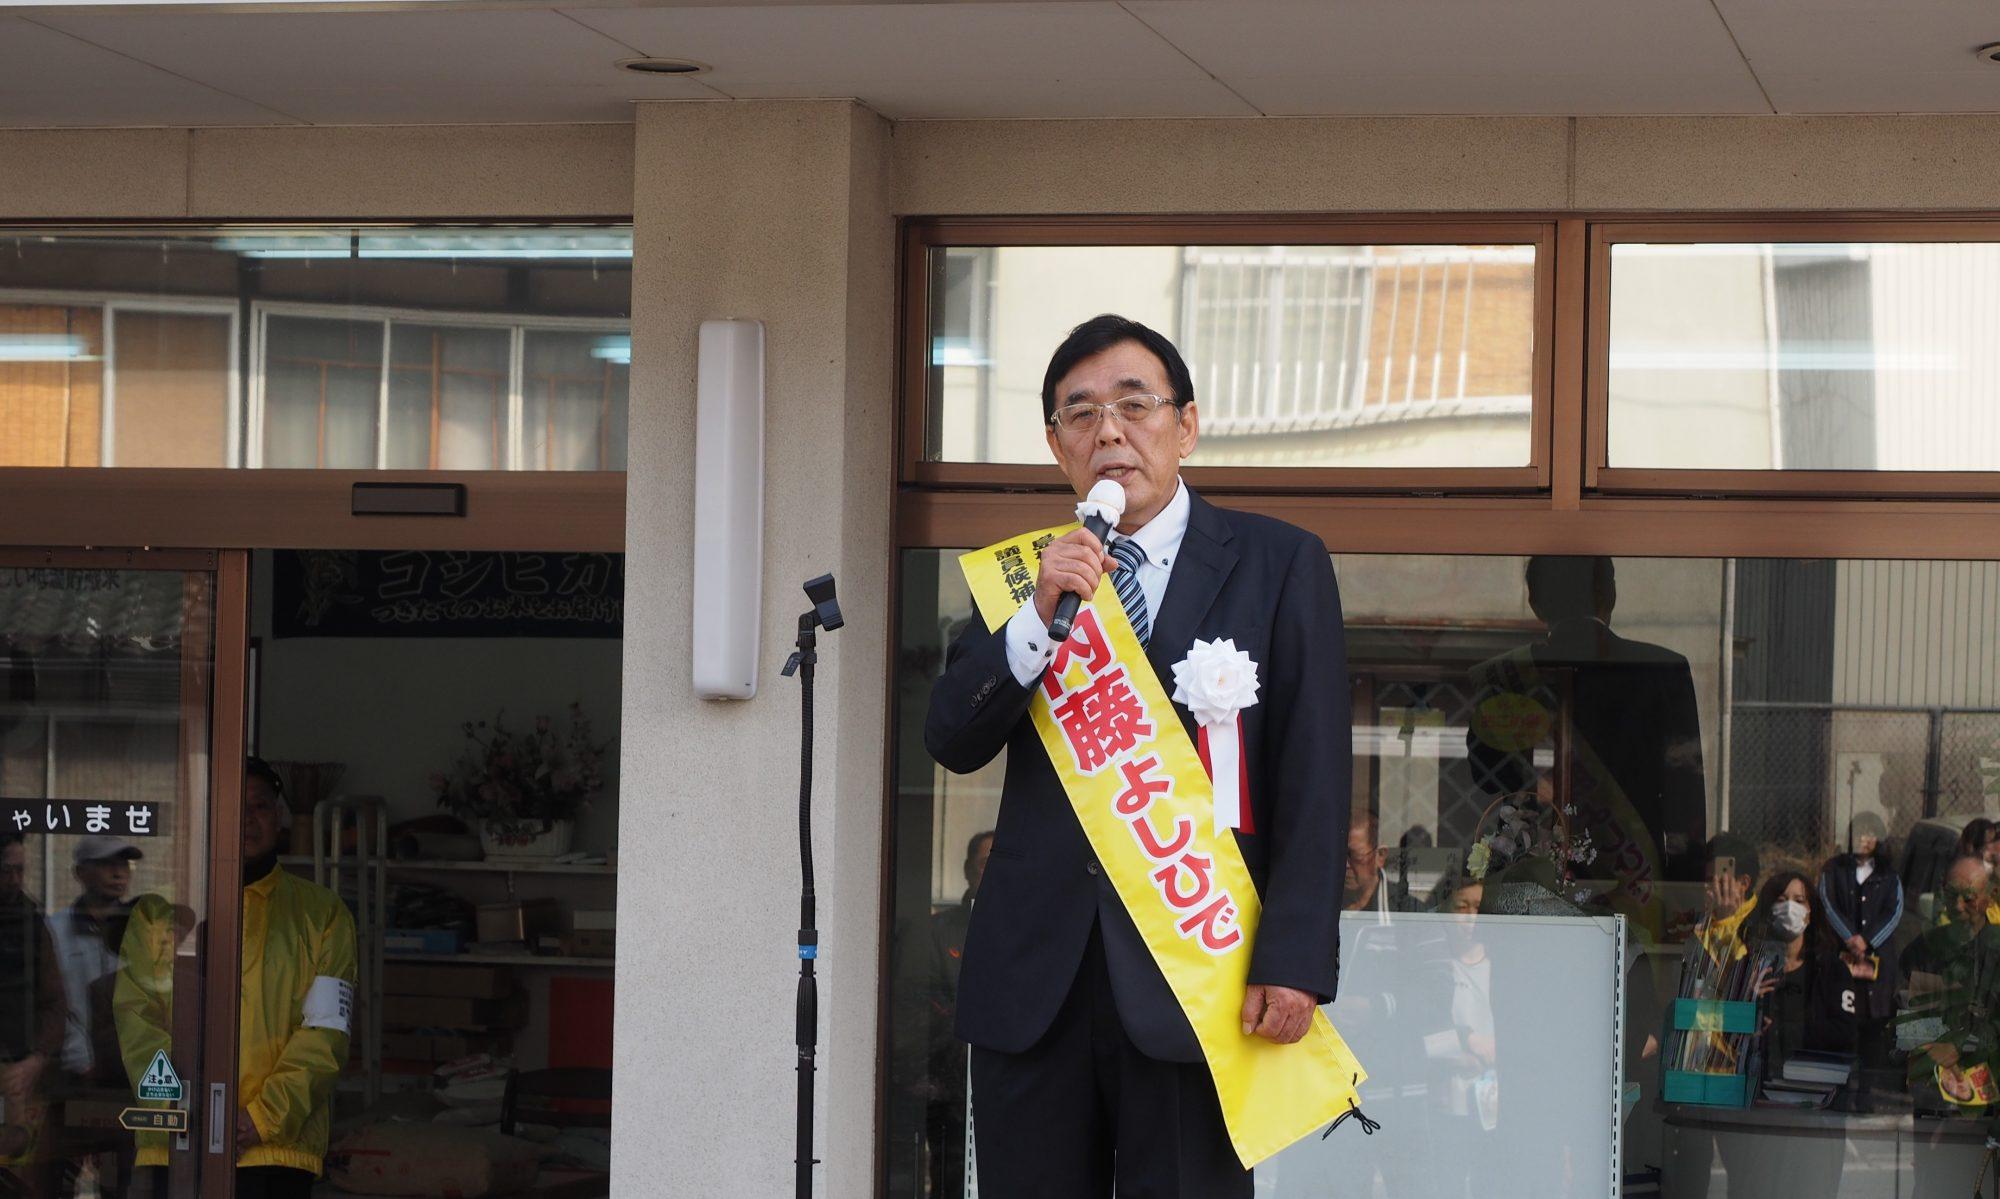 内藤芳秀 公式サイト